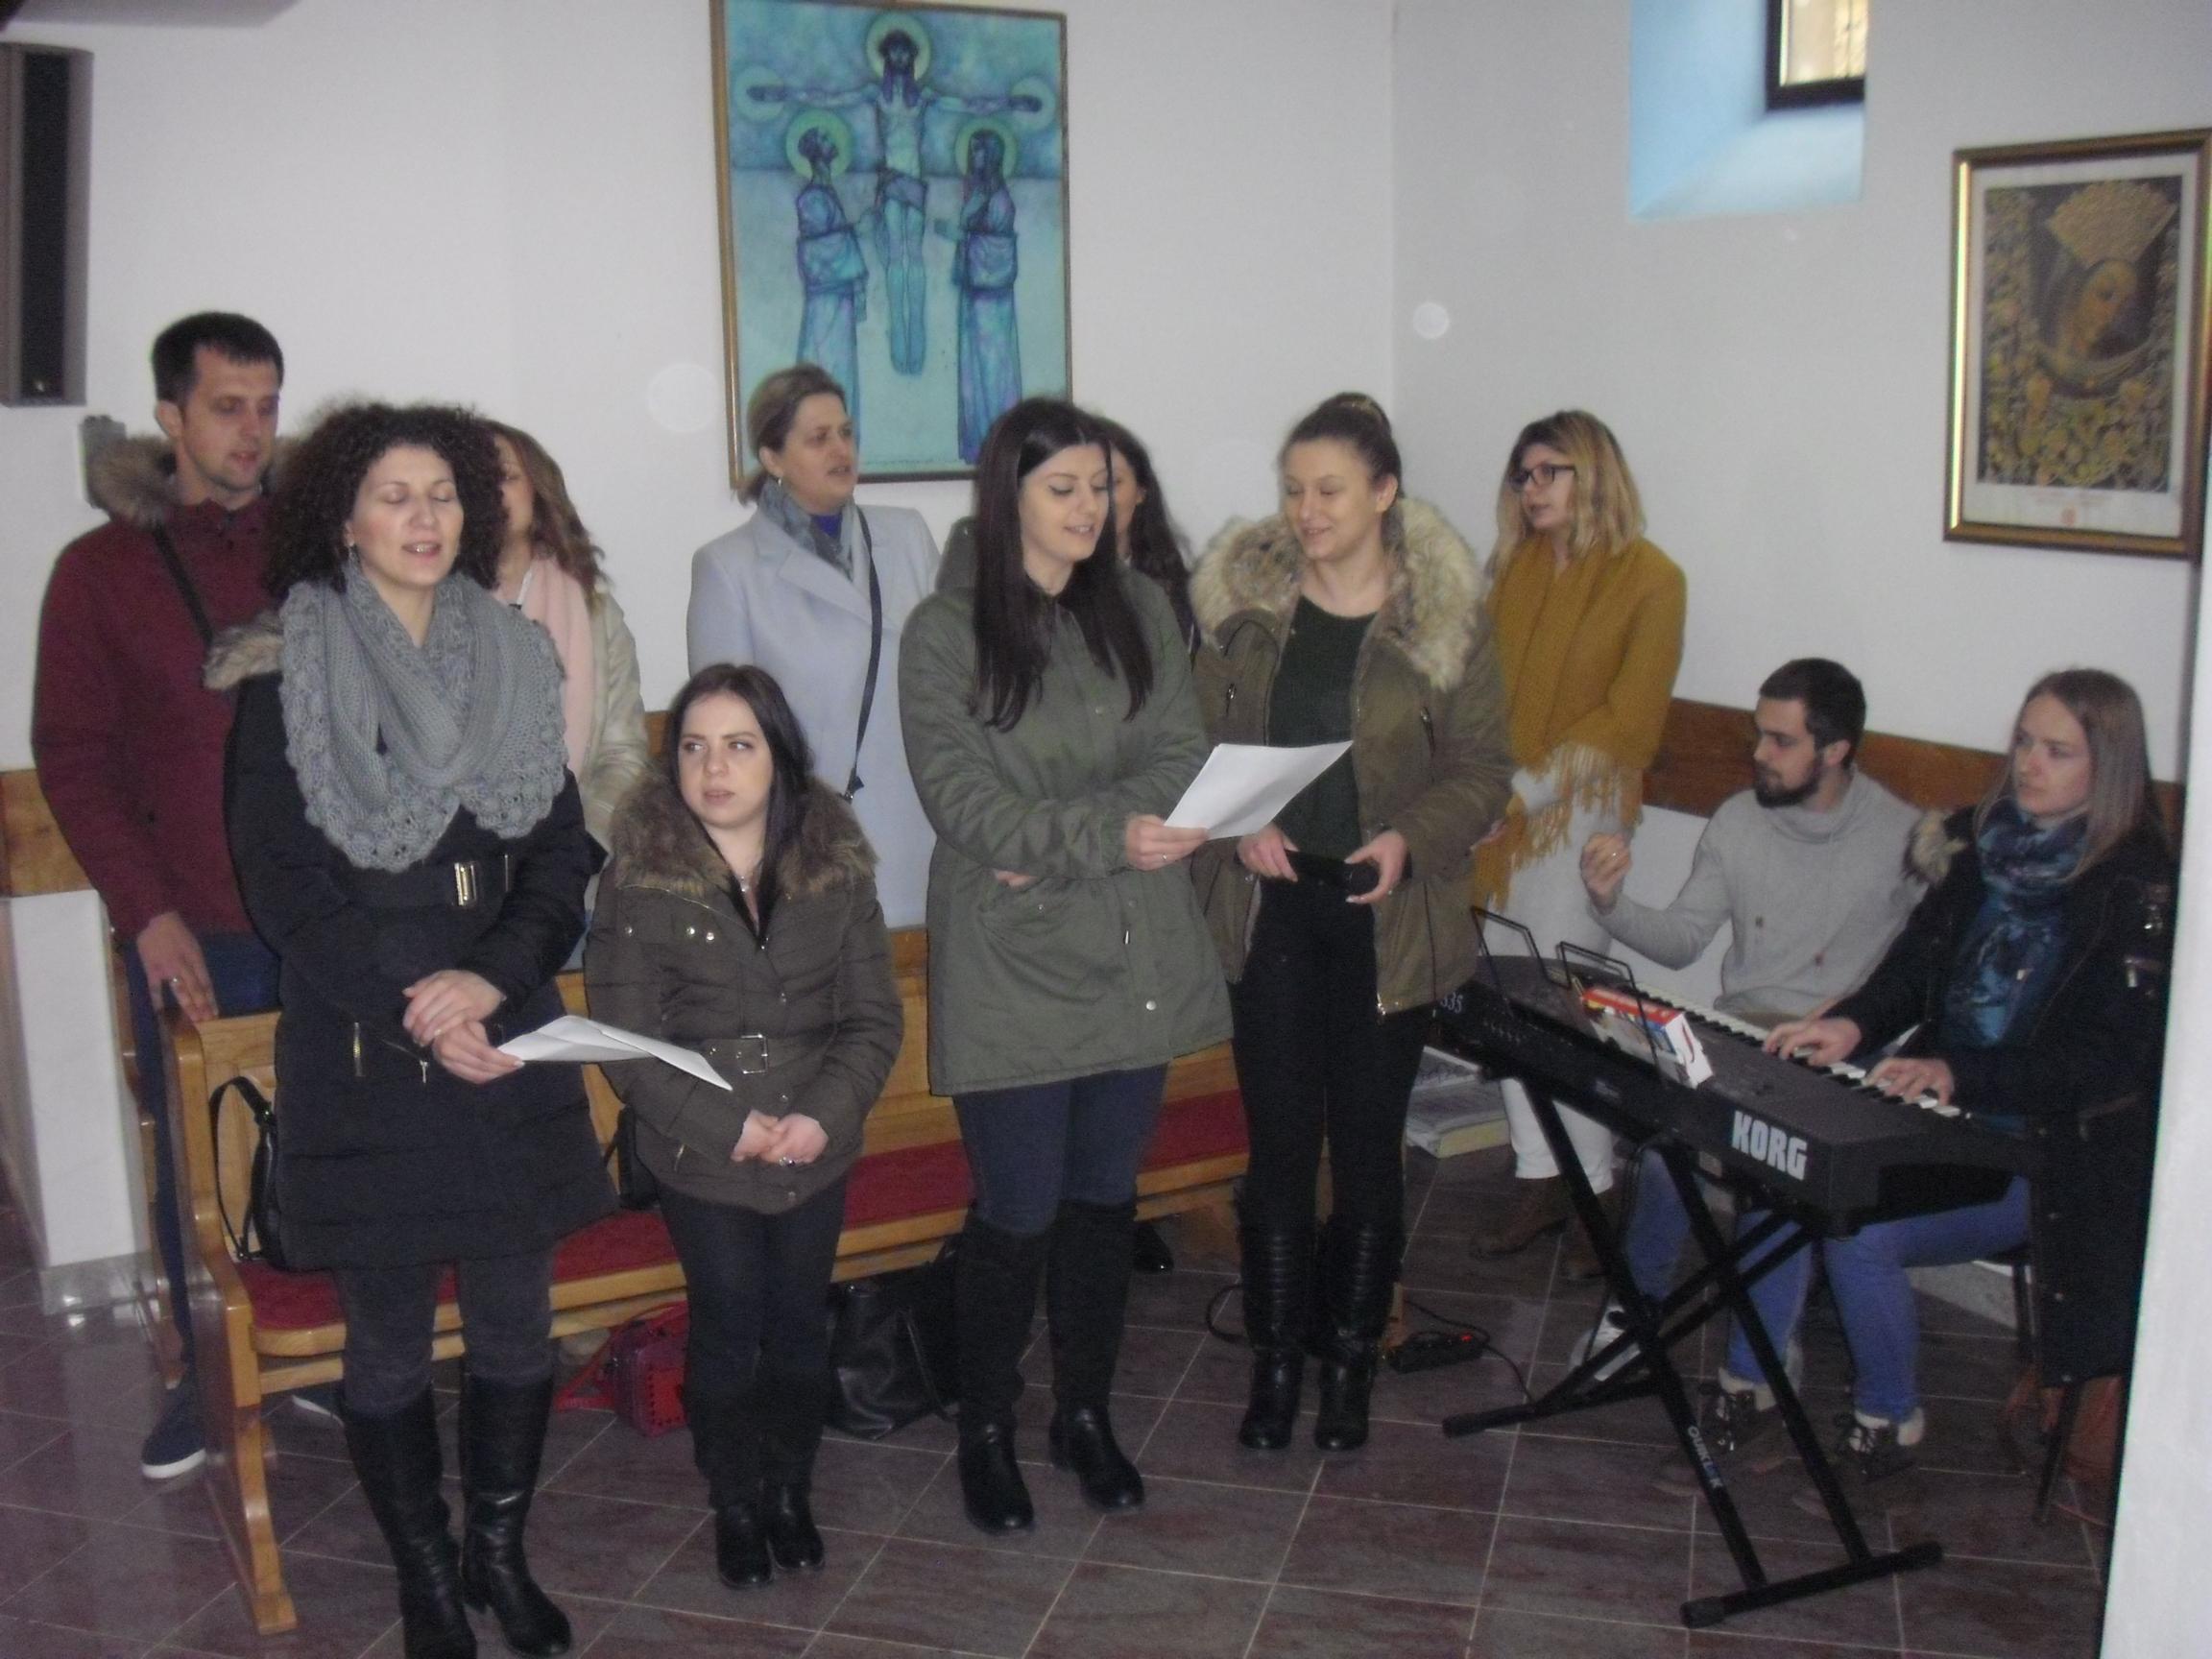 Pjevači zbora Otkrivenje iz Župe sv. Ivana u Mostaru_0